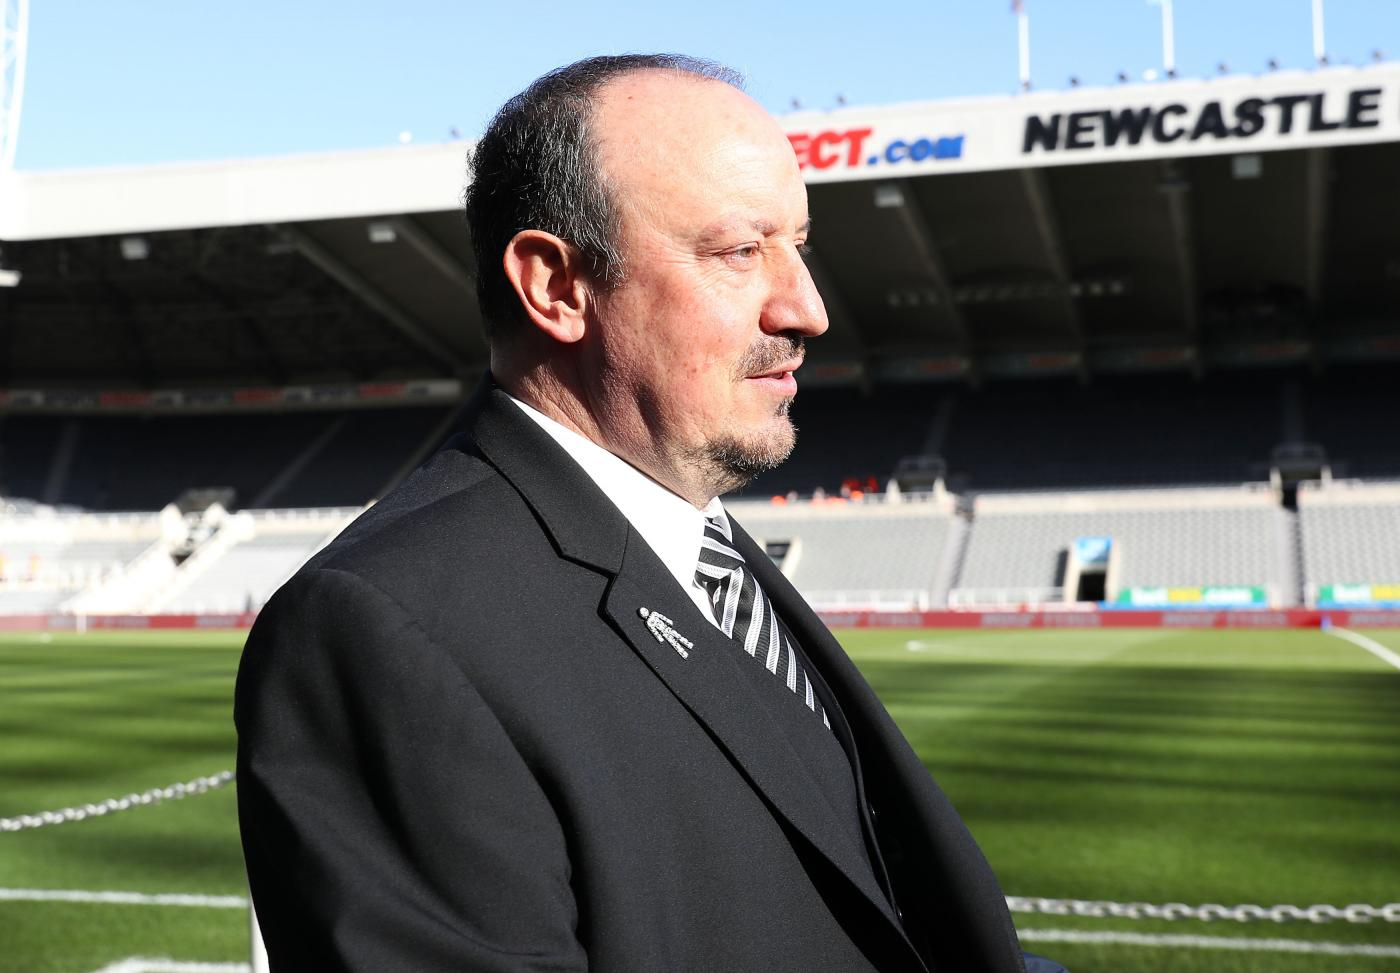 Benitez-Chelsea: Abramovich alle prese con il possibile cambio di allenatore. Rispunta il nome dello spagnolo